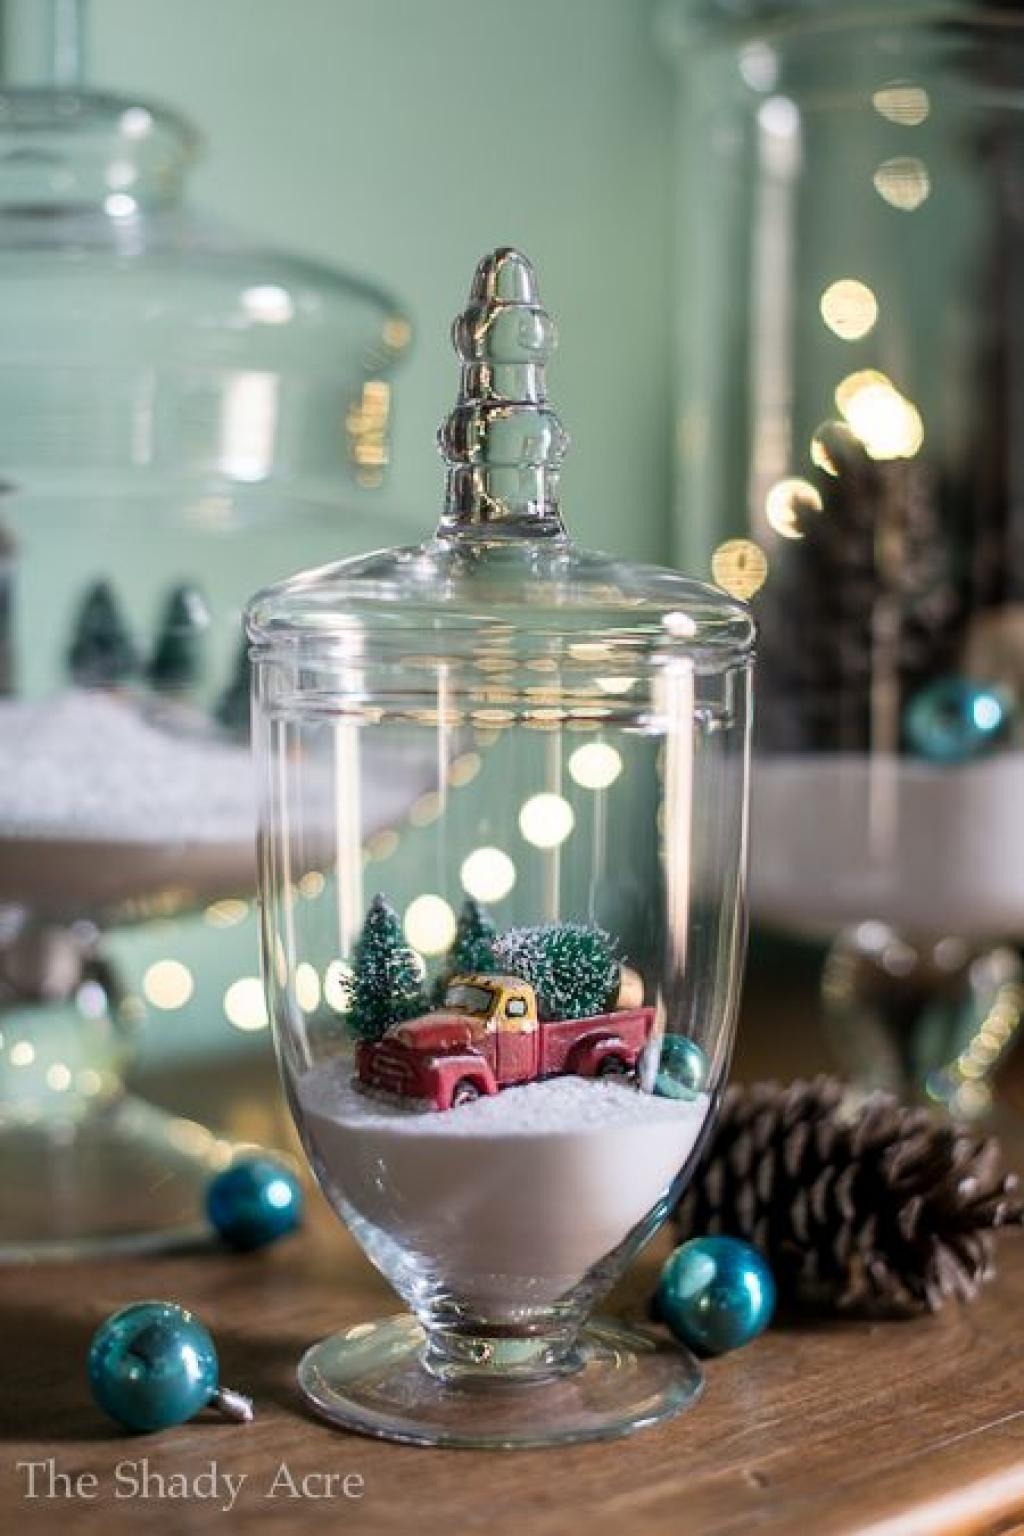 Bien connu 20 décorations de Noël à faire avec des accessoires de verre! C  KR46